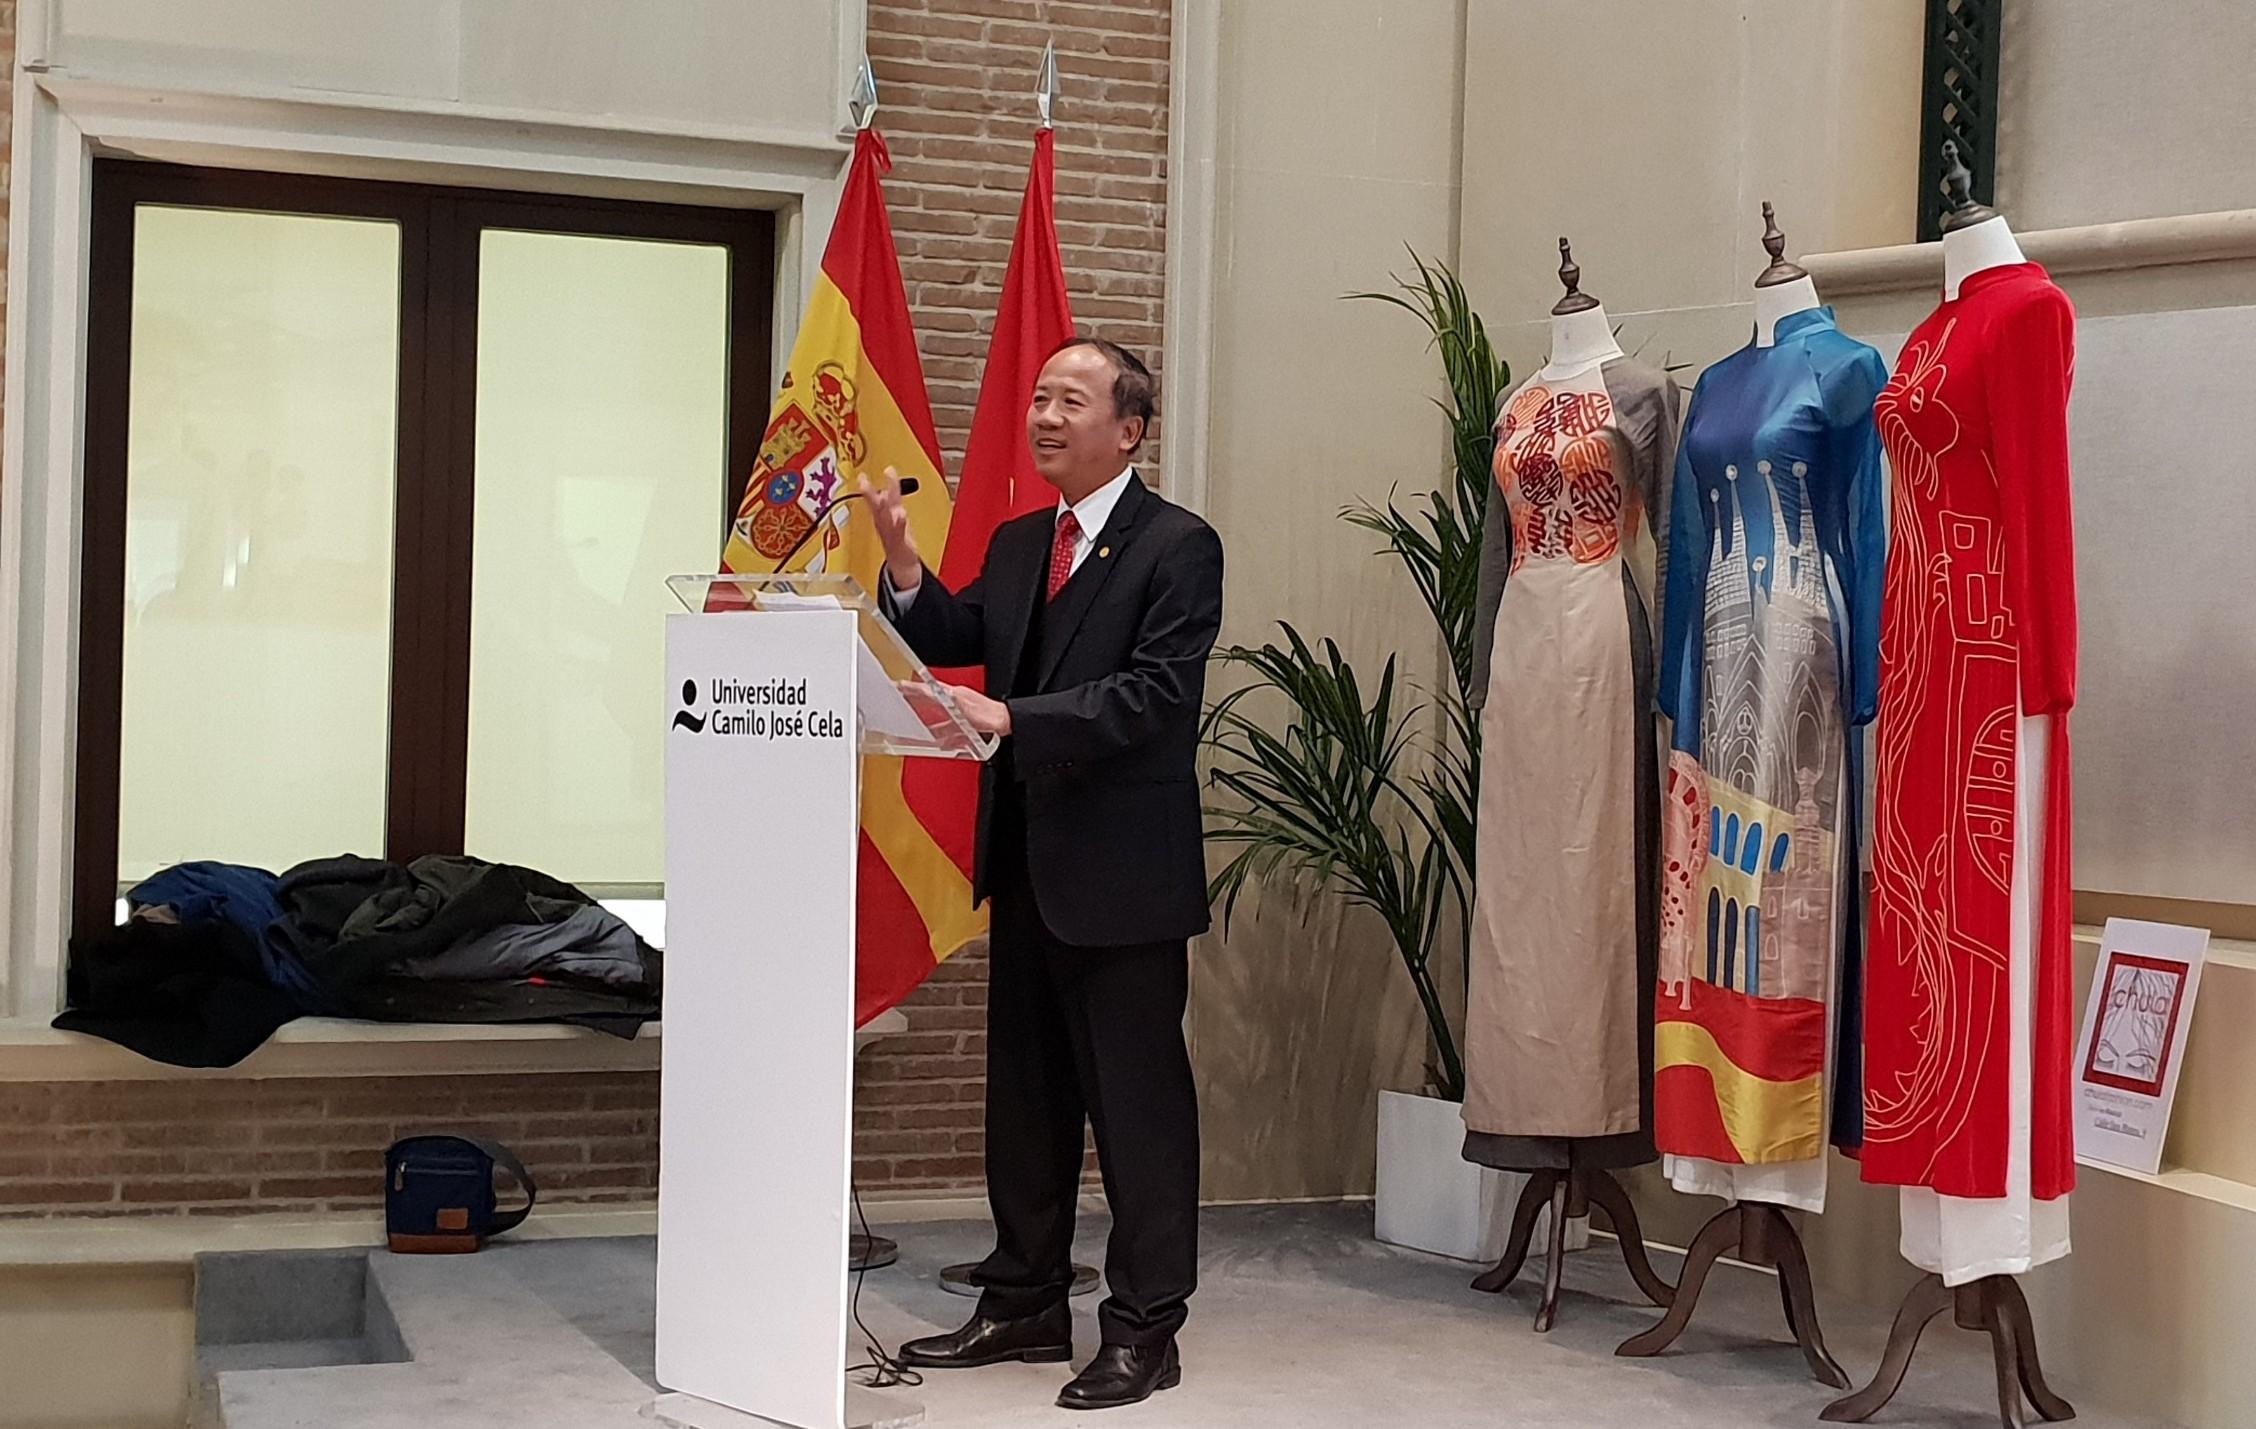 """Khai mạc Triển lãm ảnh """"Góc nhìn về Việt Nam"""" tại Tây Ban Nha"""